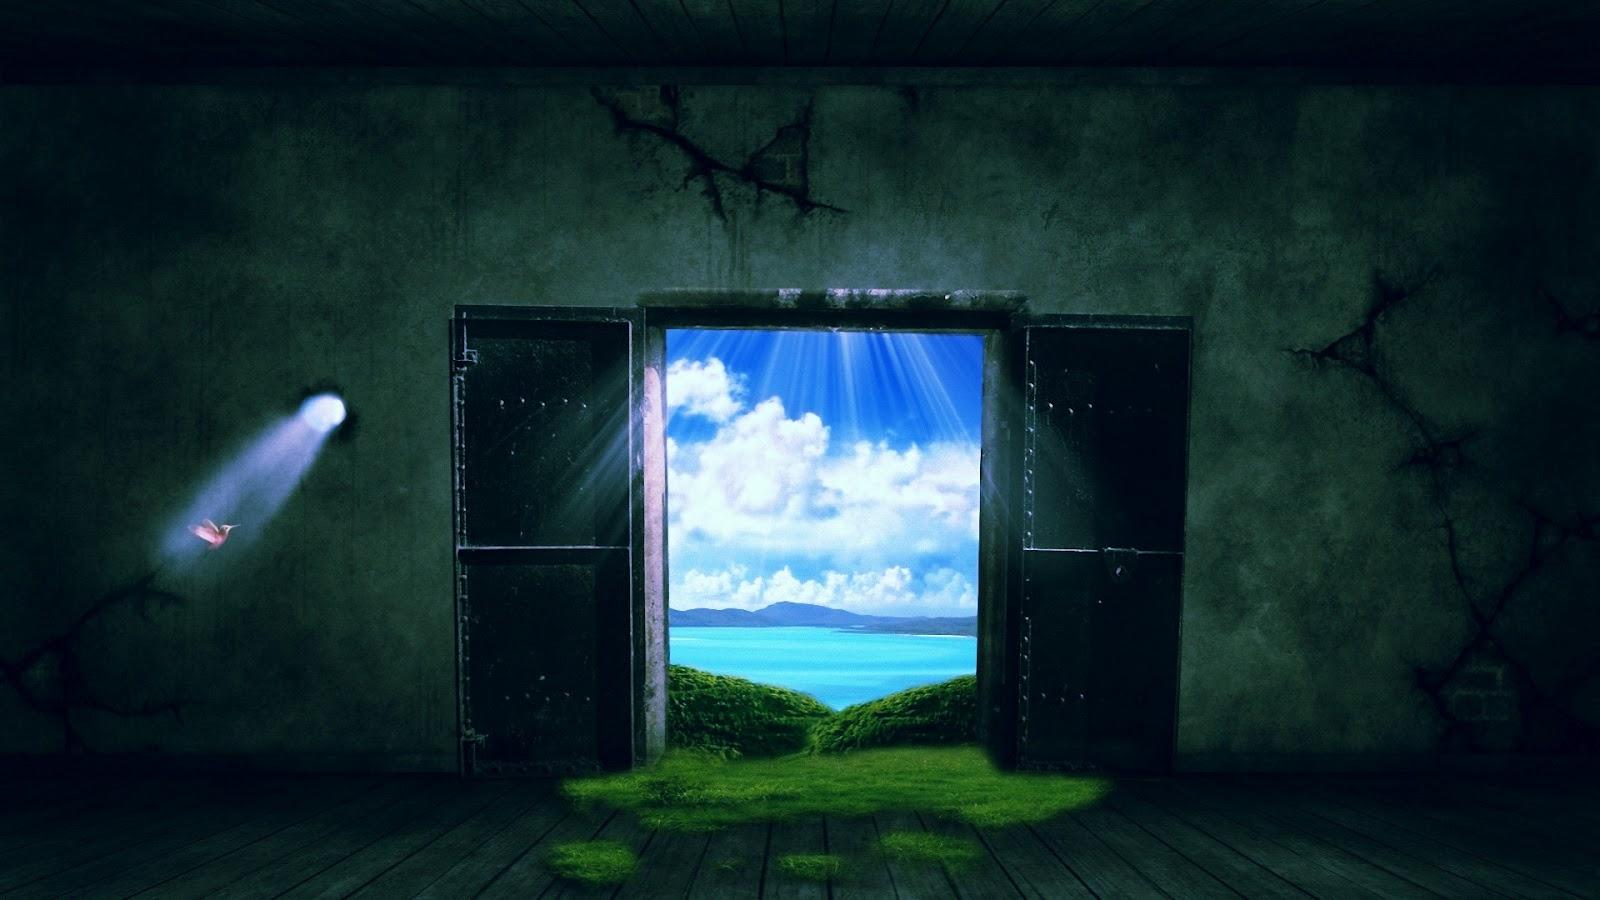 http://1.bp.blogspot.com/-tzTeugtkiFY/UPzQLZOo9nI/AAAAAAAAOiA/yNXSJGqNC5s/s1600/Windows%2B8%2BHd%2B1080%2BWallpaper%2B(7).jpg